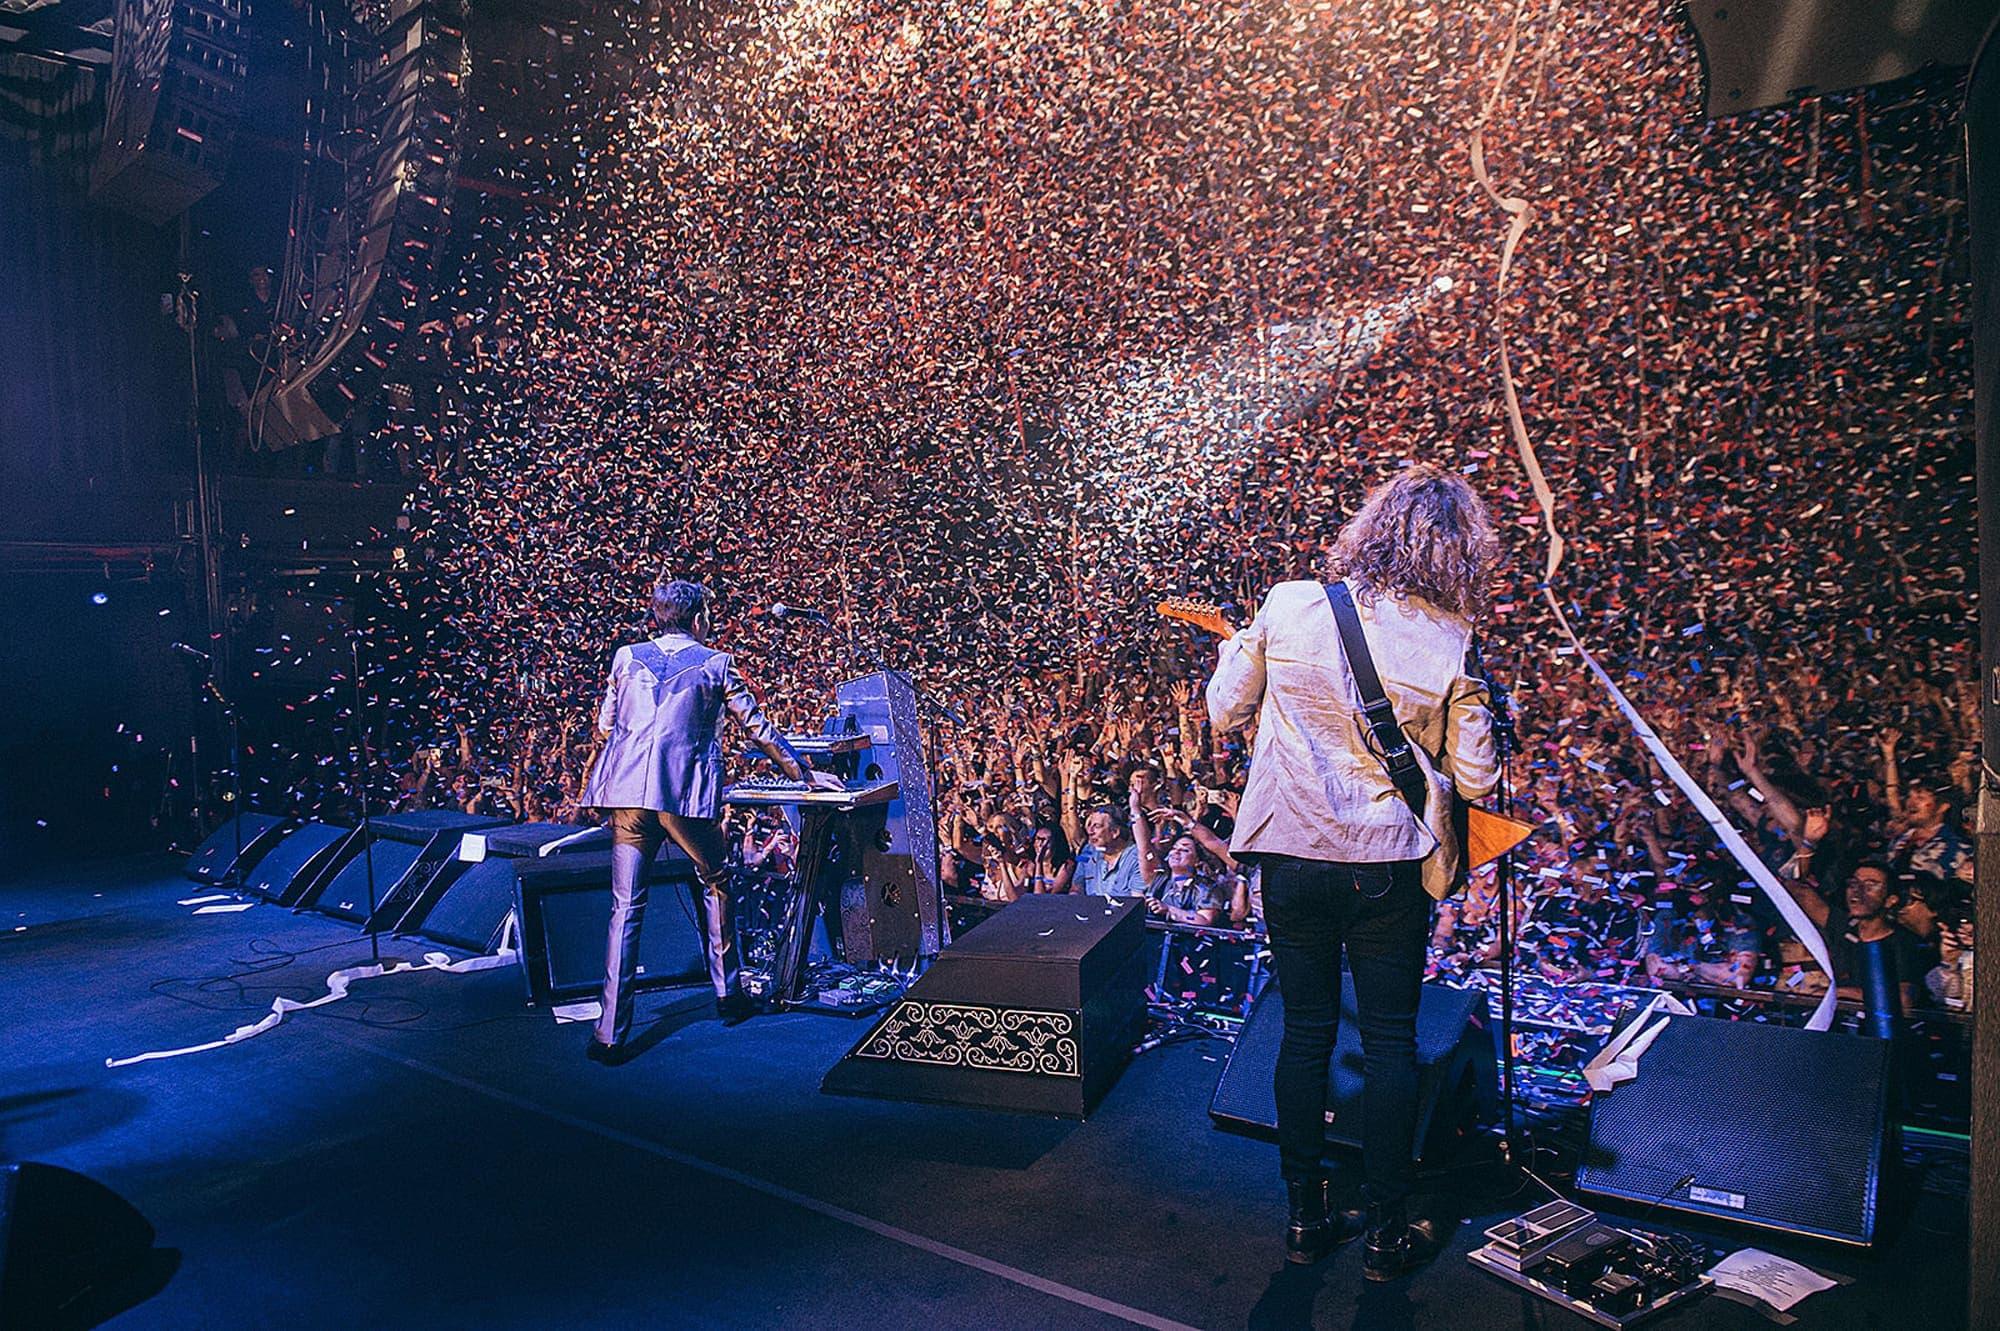 La band di nuovo sul palco dopo più di un anno e mezzo